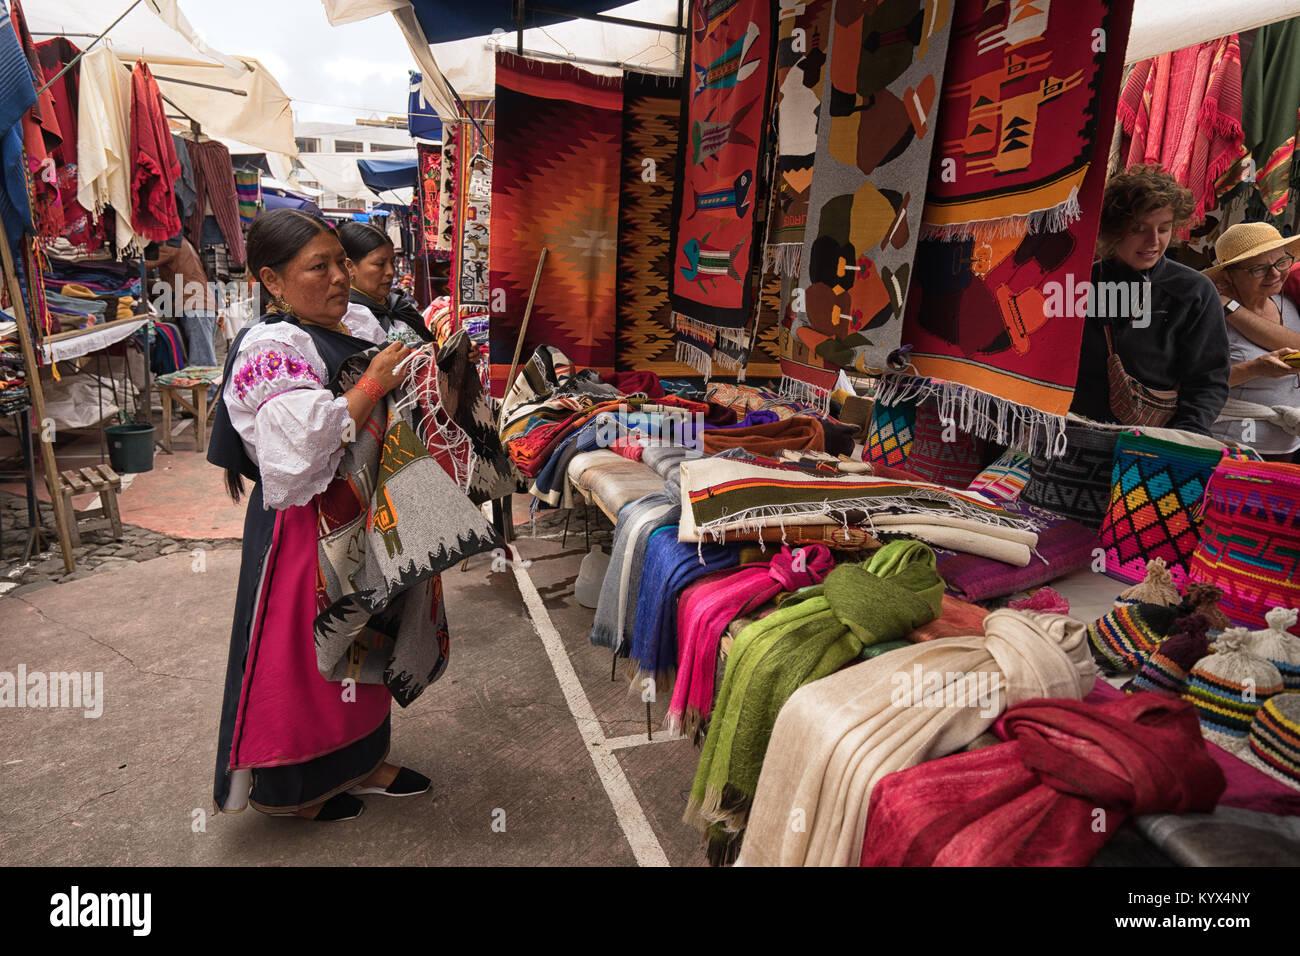 Lexington, Kentucky - 13 janvier 2018: le marché artisanal de la Plaza de ponchos est très populaire Photo Stock